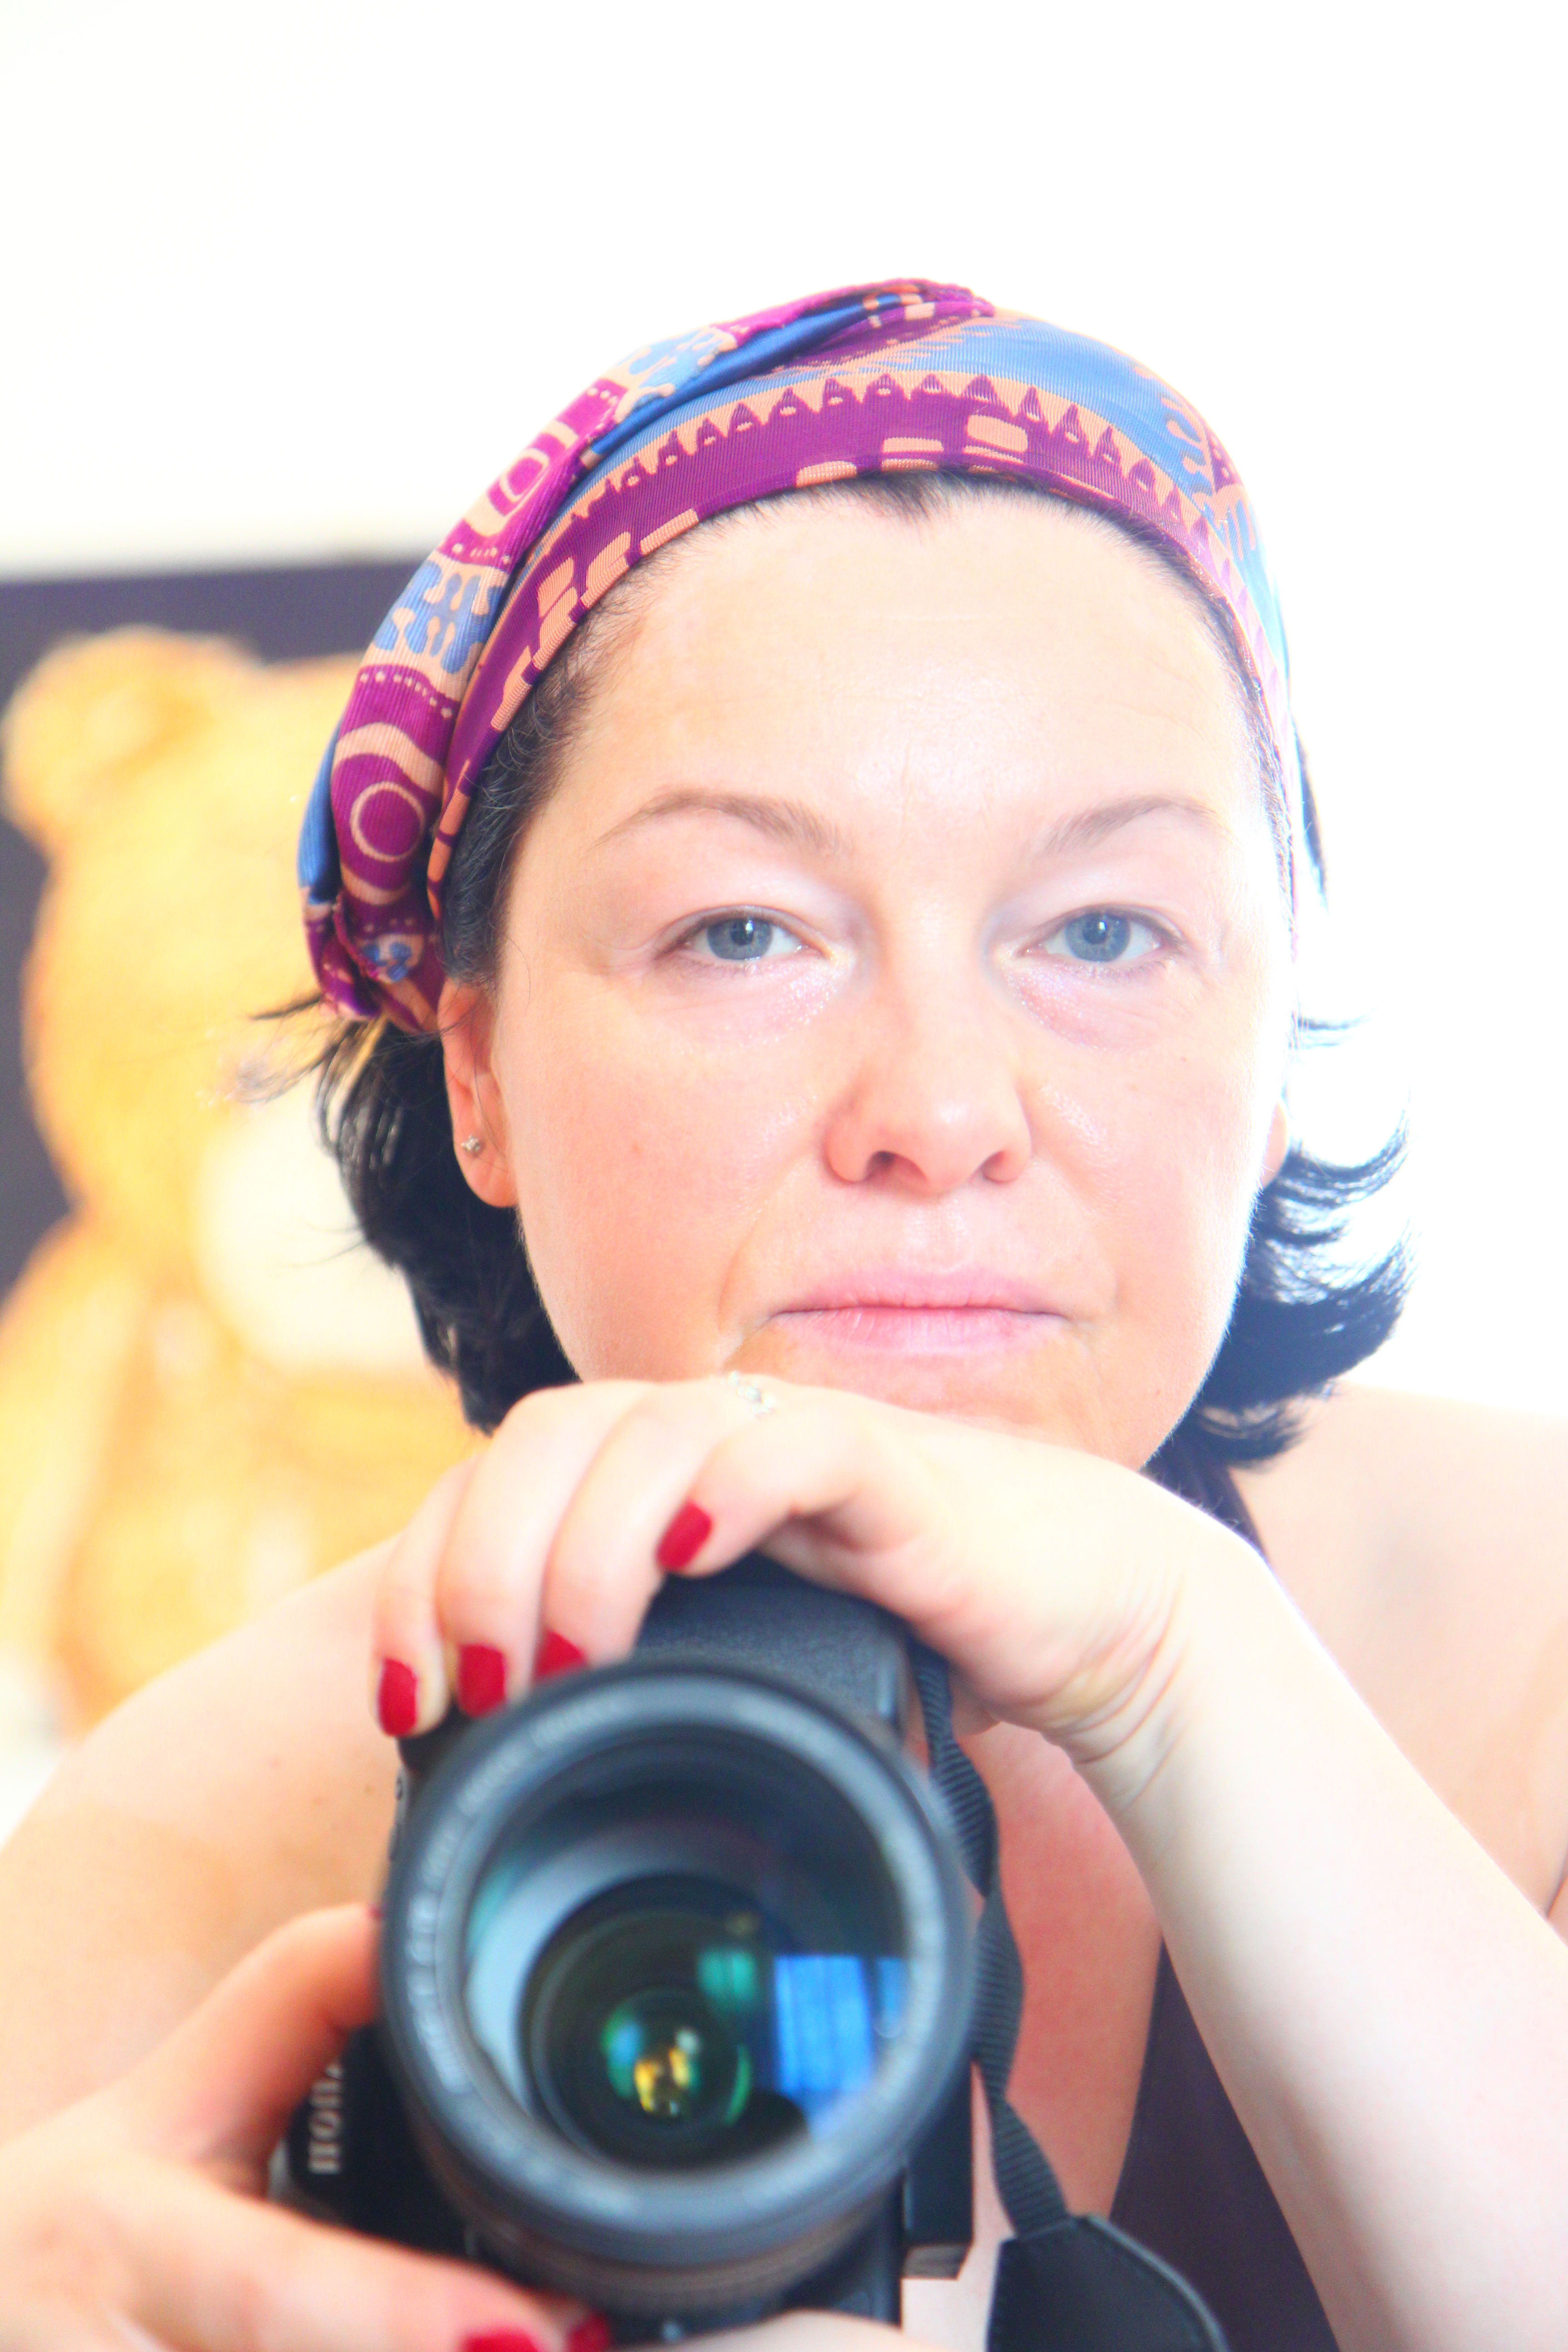 silla-guerrini-fotografia